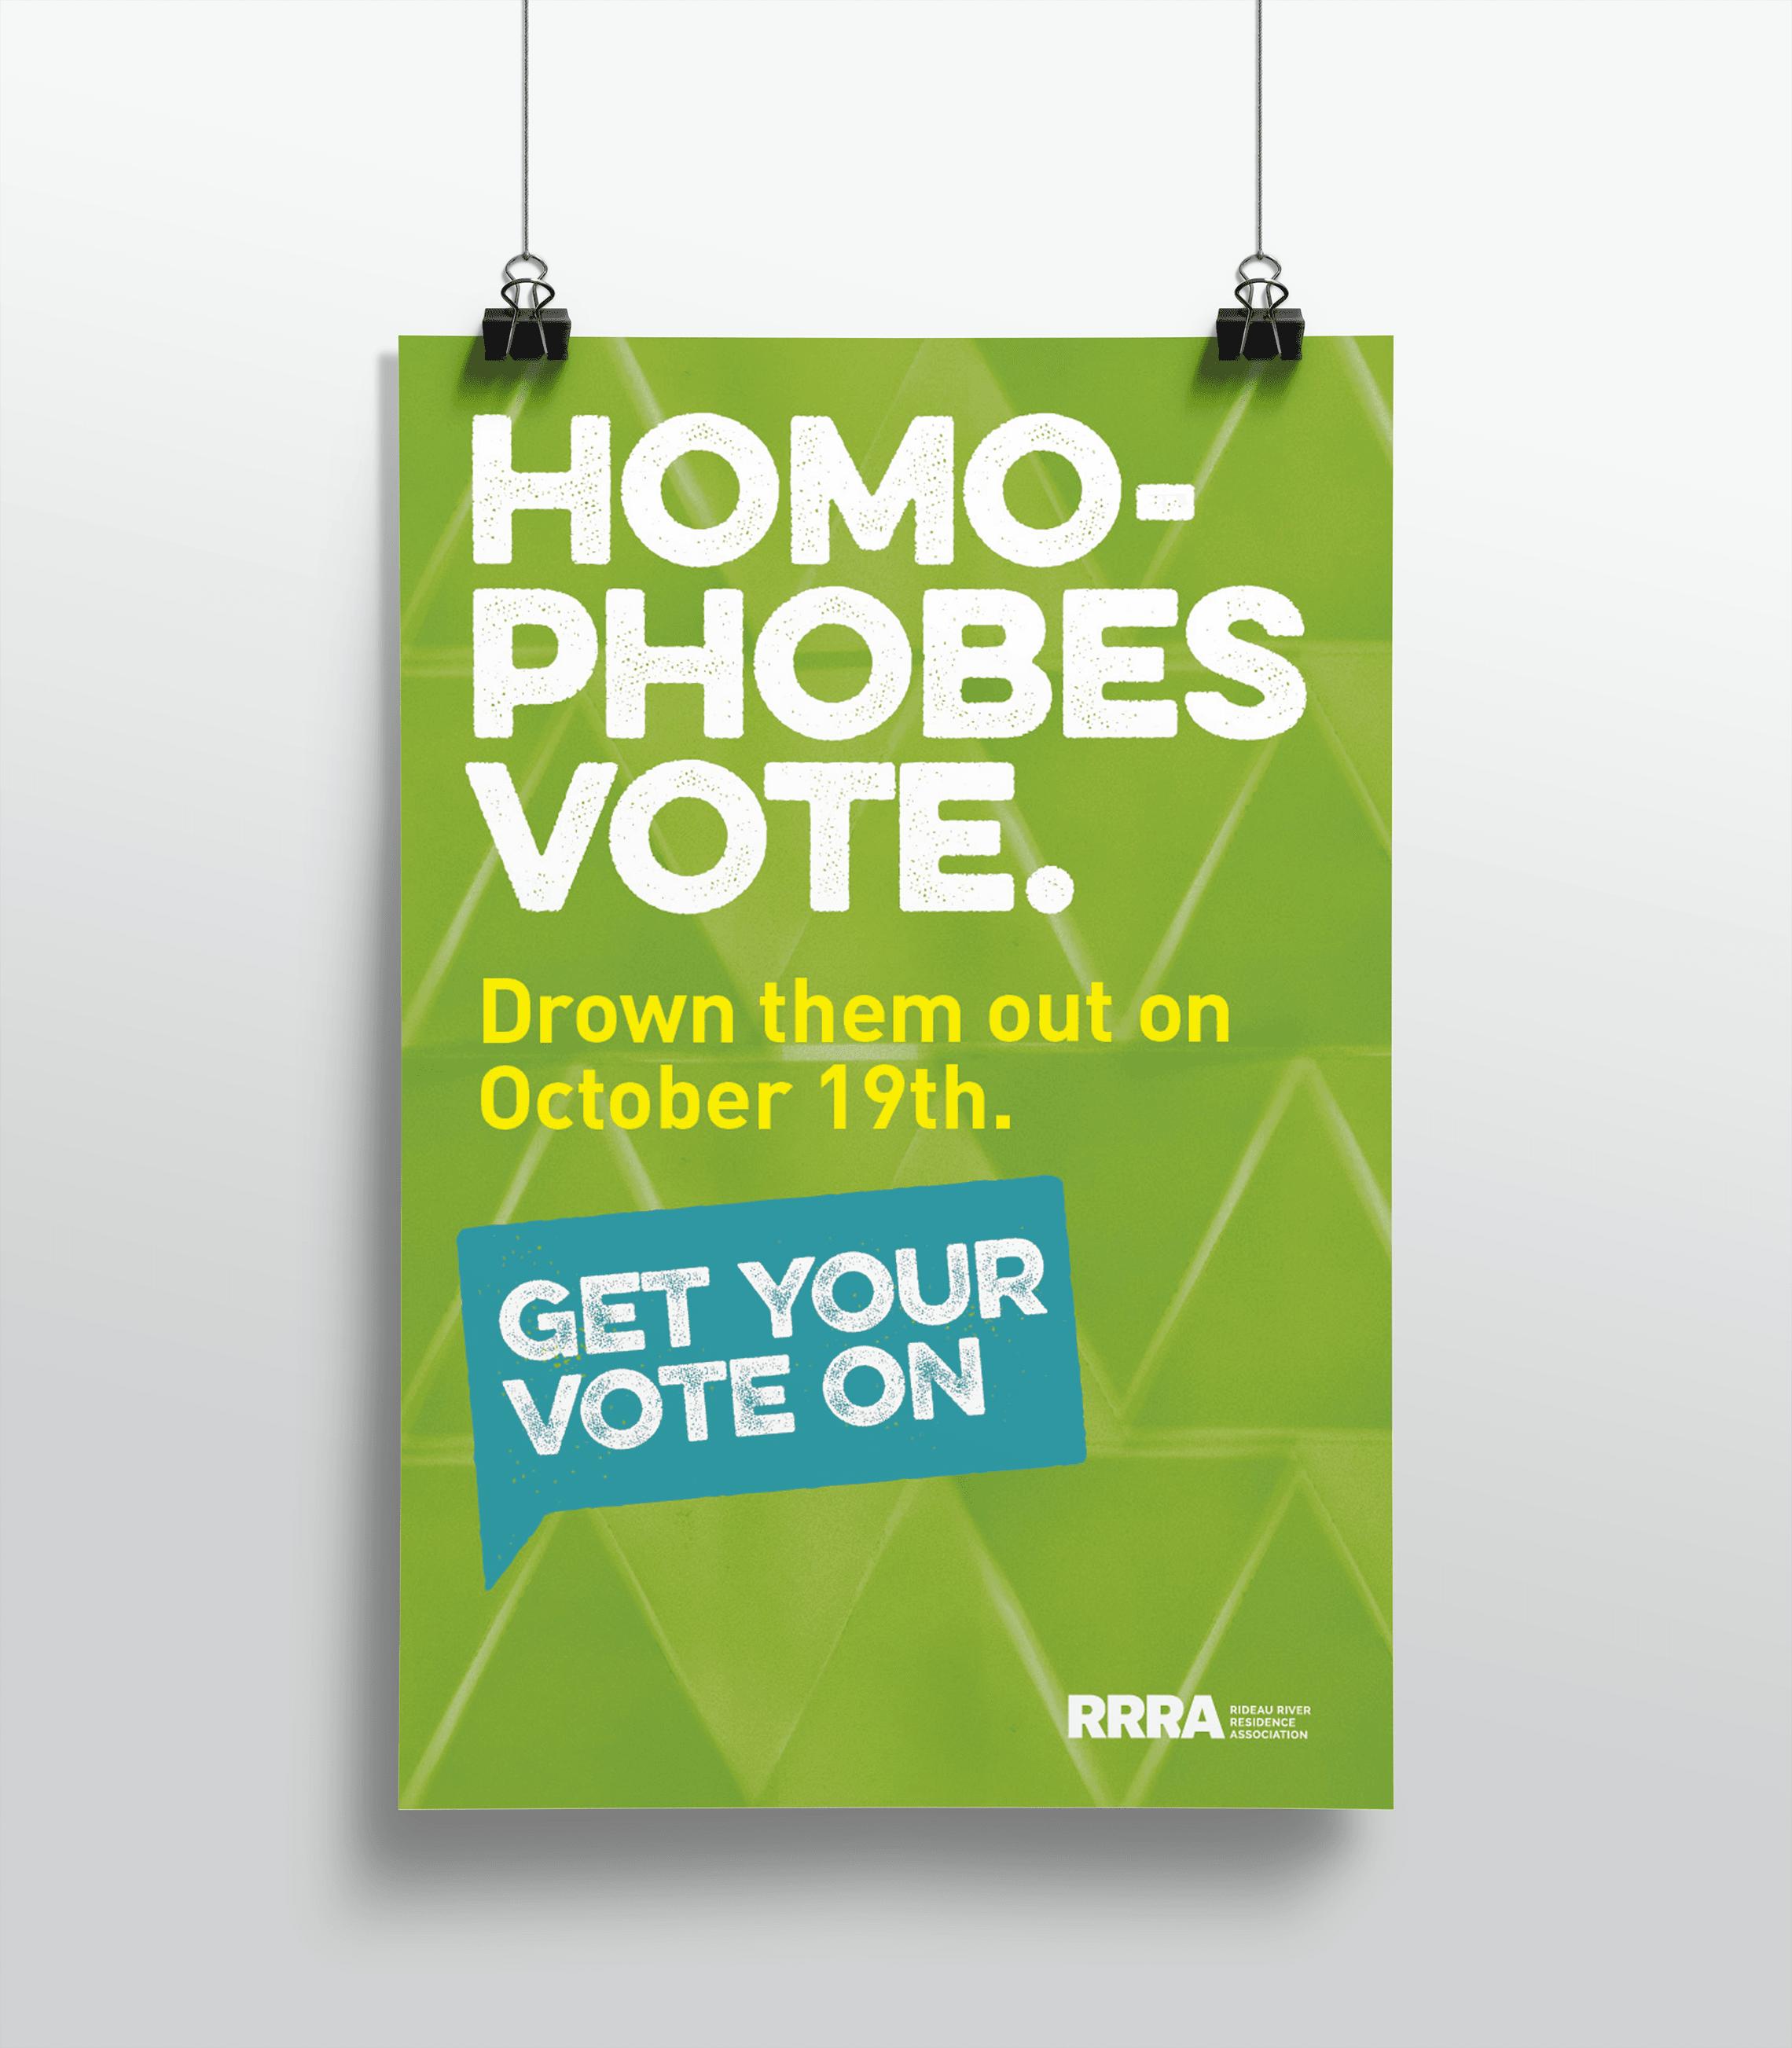 homophobesvotemockup